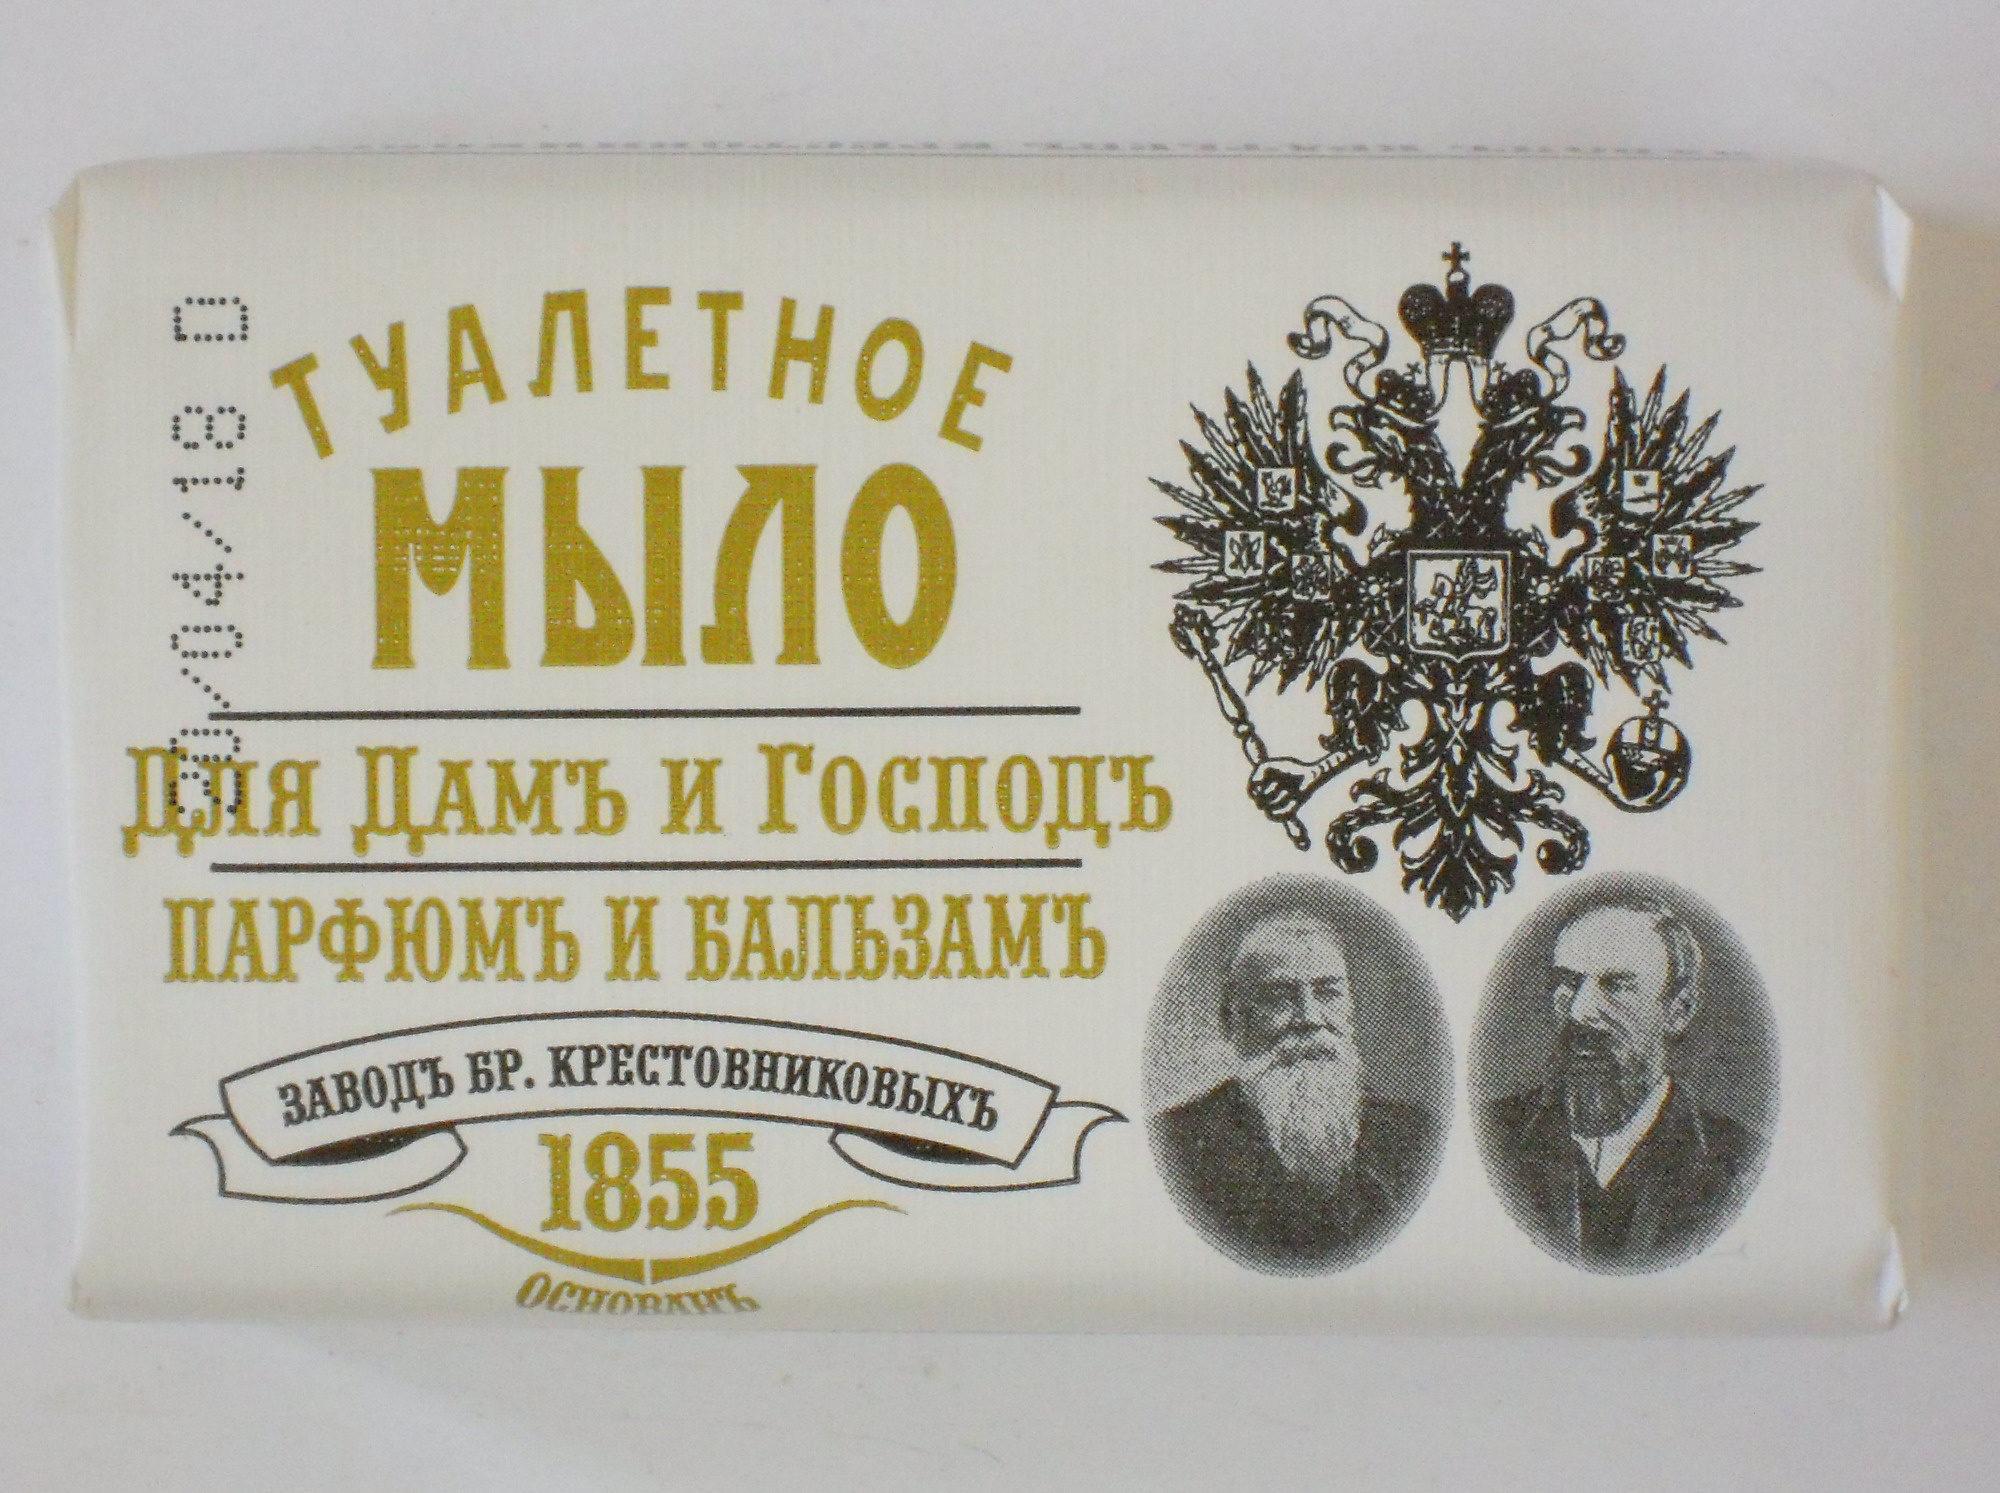 Туалетное мыло Для Дамъ и Господъ Парфюмъ и бальзамъ - Product - ru